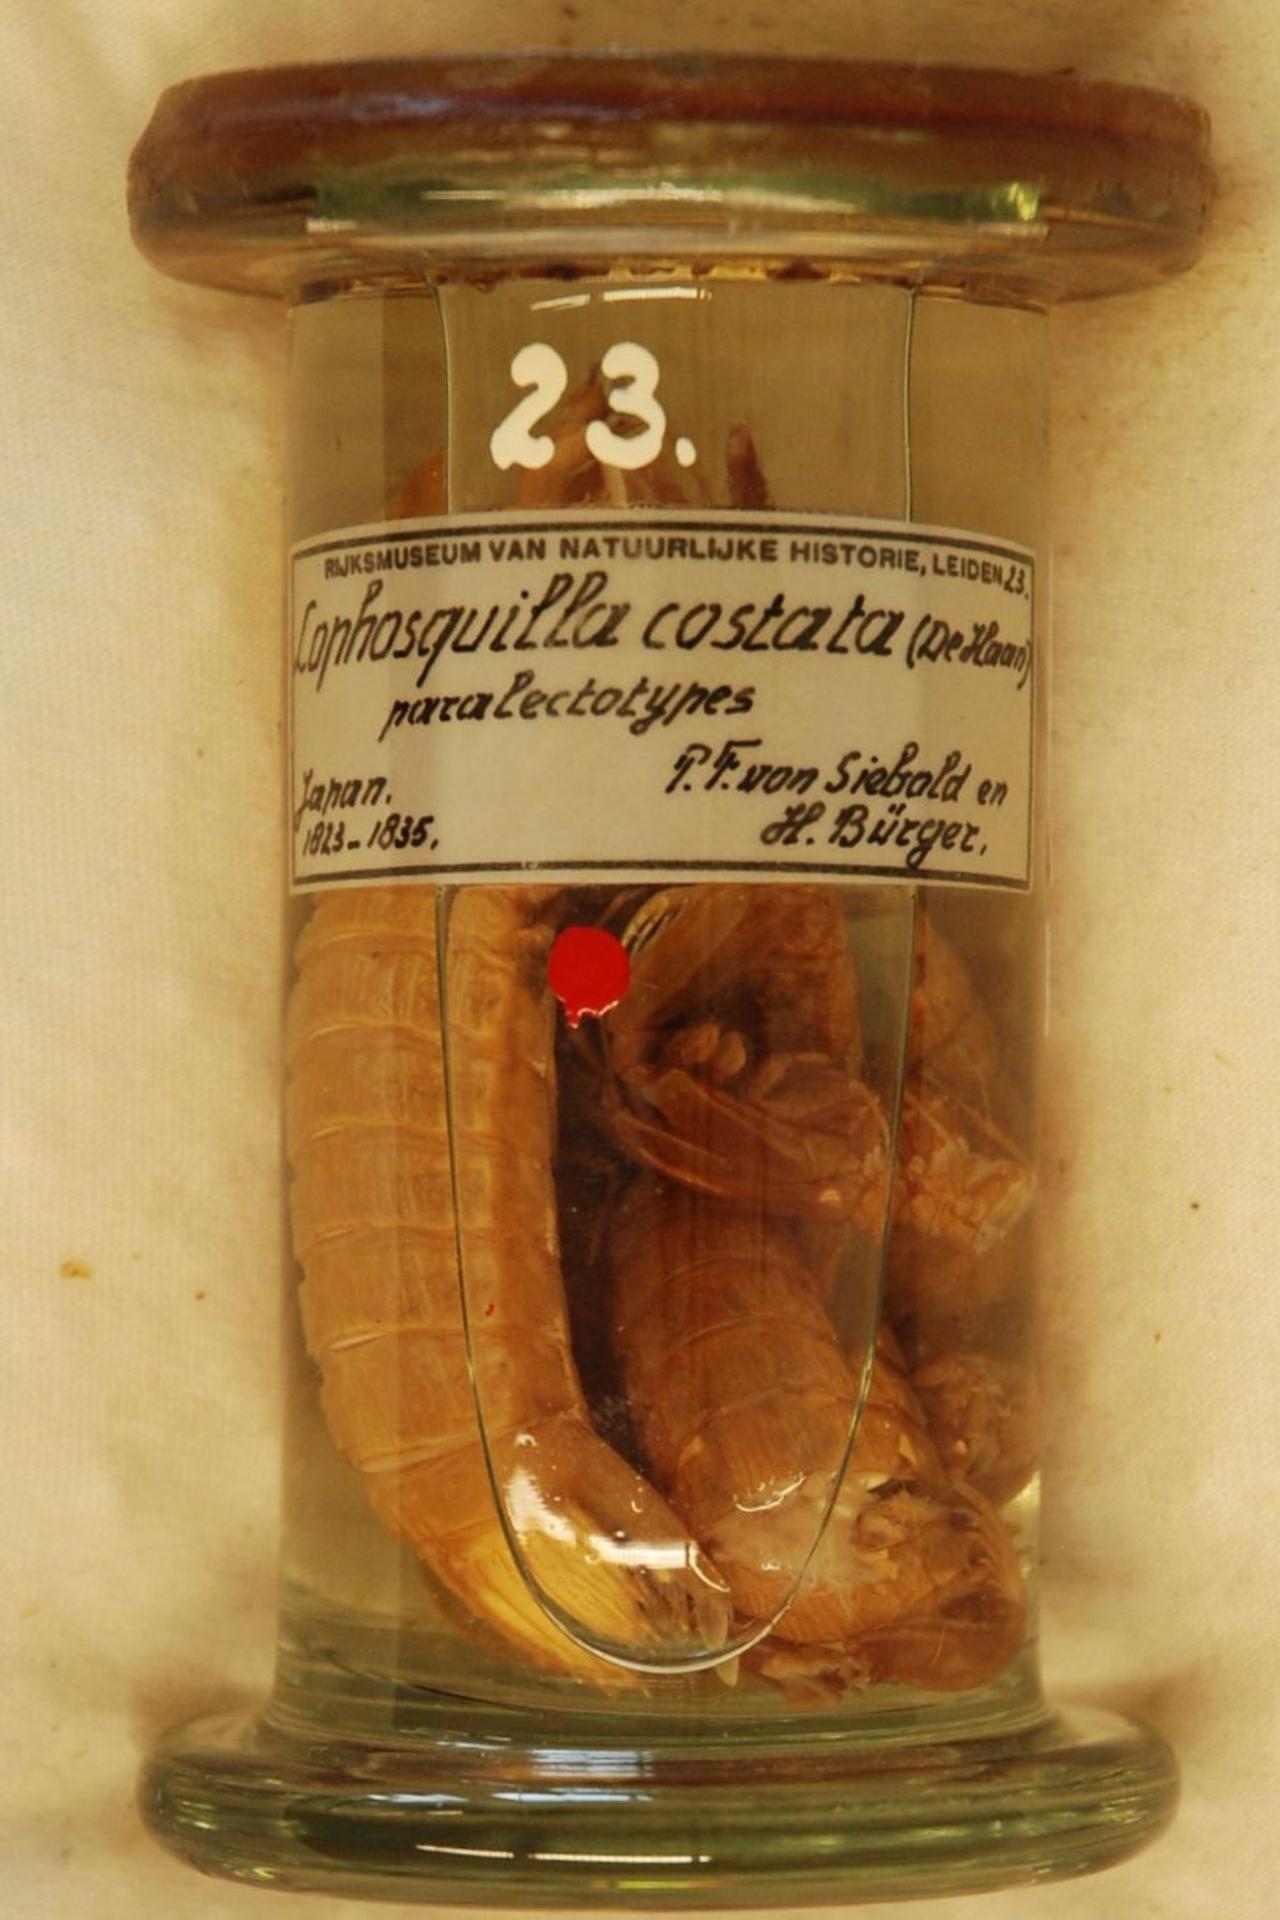 RMNH.CRUS.S.23 | Lophosquilla costata (De Haan)